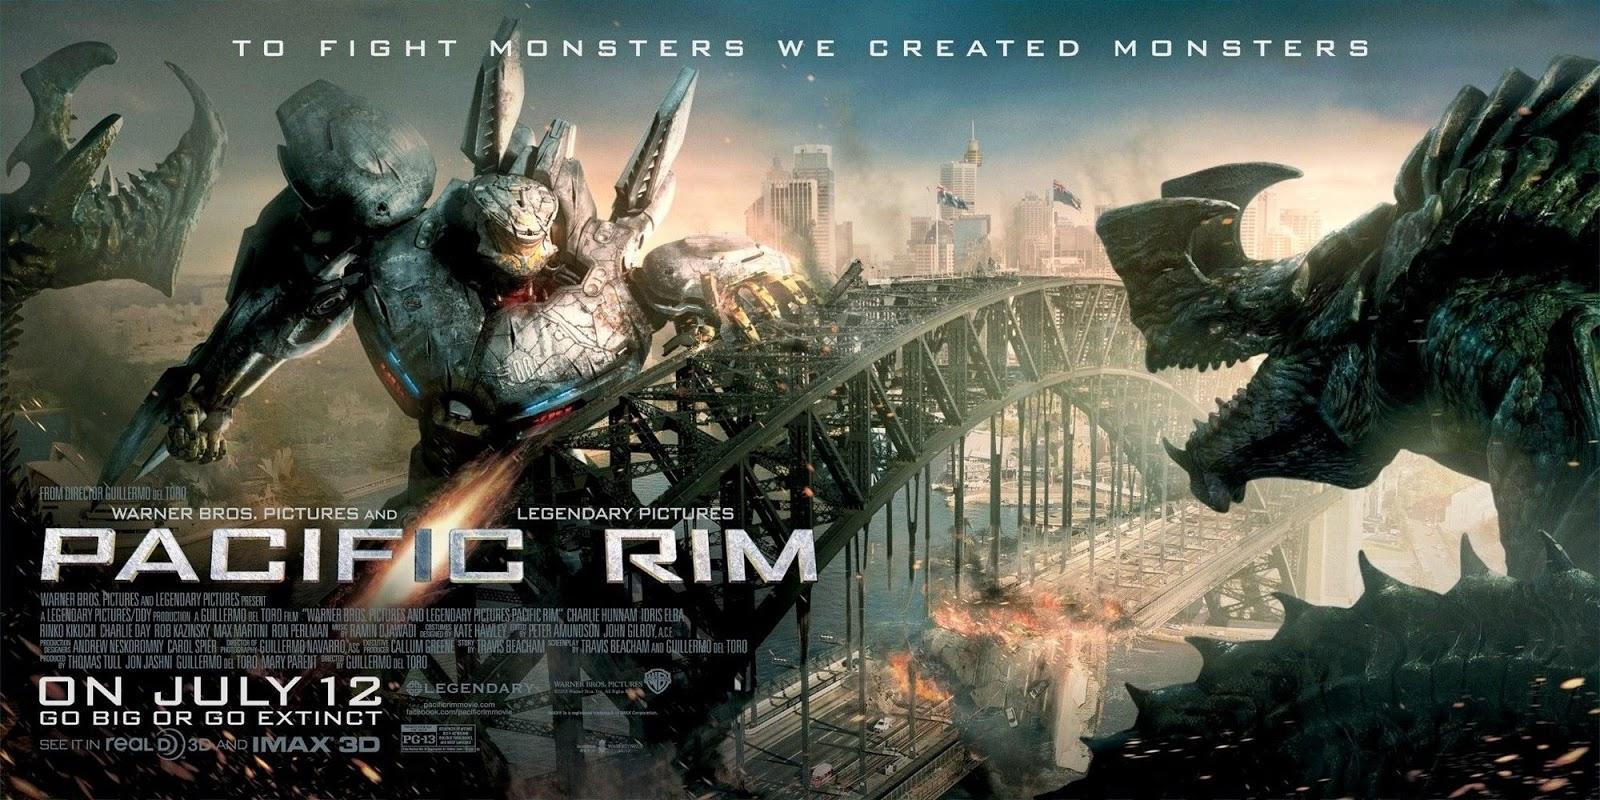 Kemarin akhirnya nonton sebuah film yang berjudul pacific rim karena sekarang harga tiket nonton luar biasa mahal jadi liatnya yang 2d aja sih